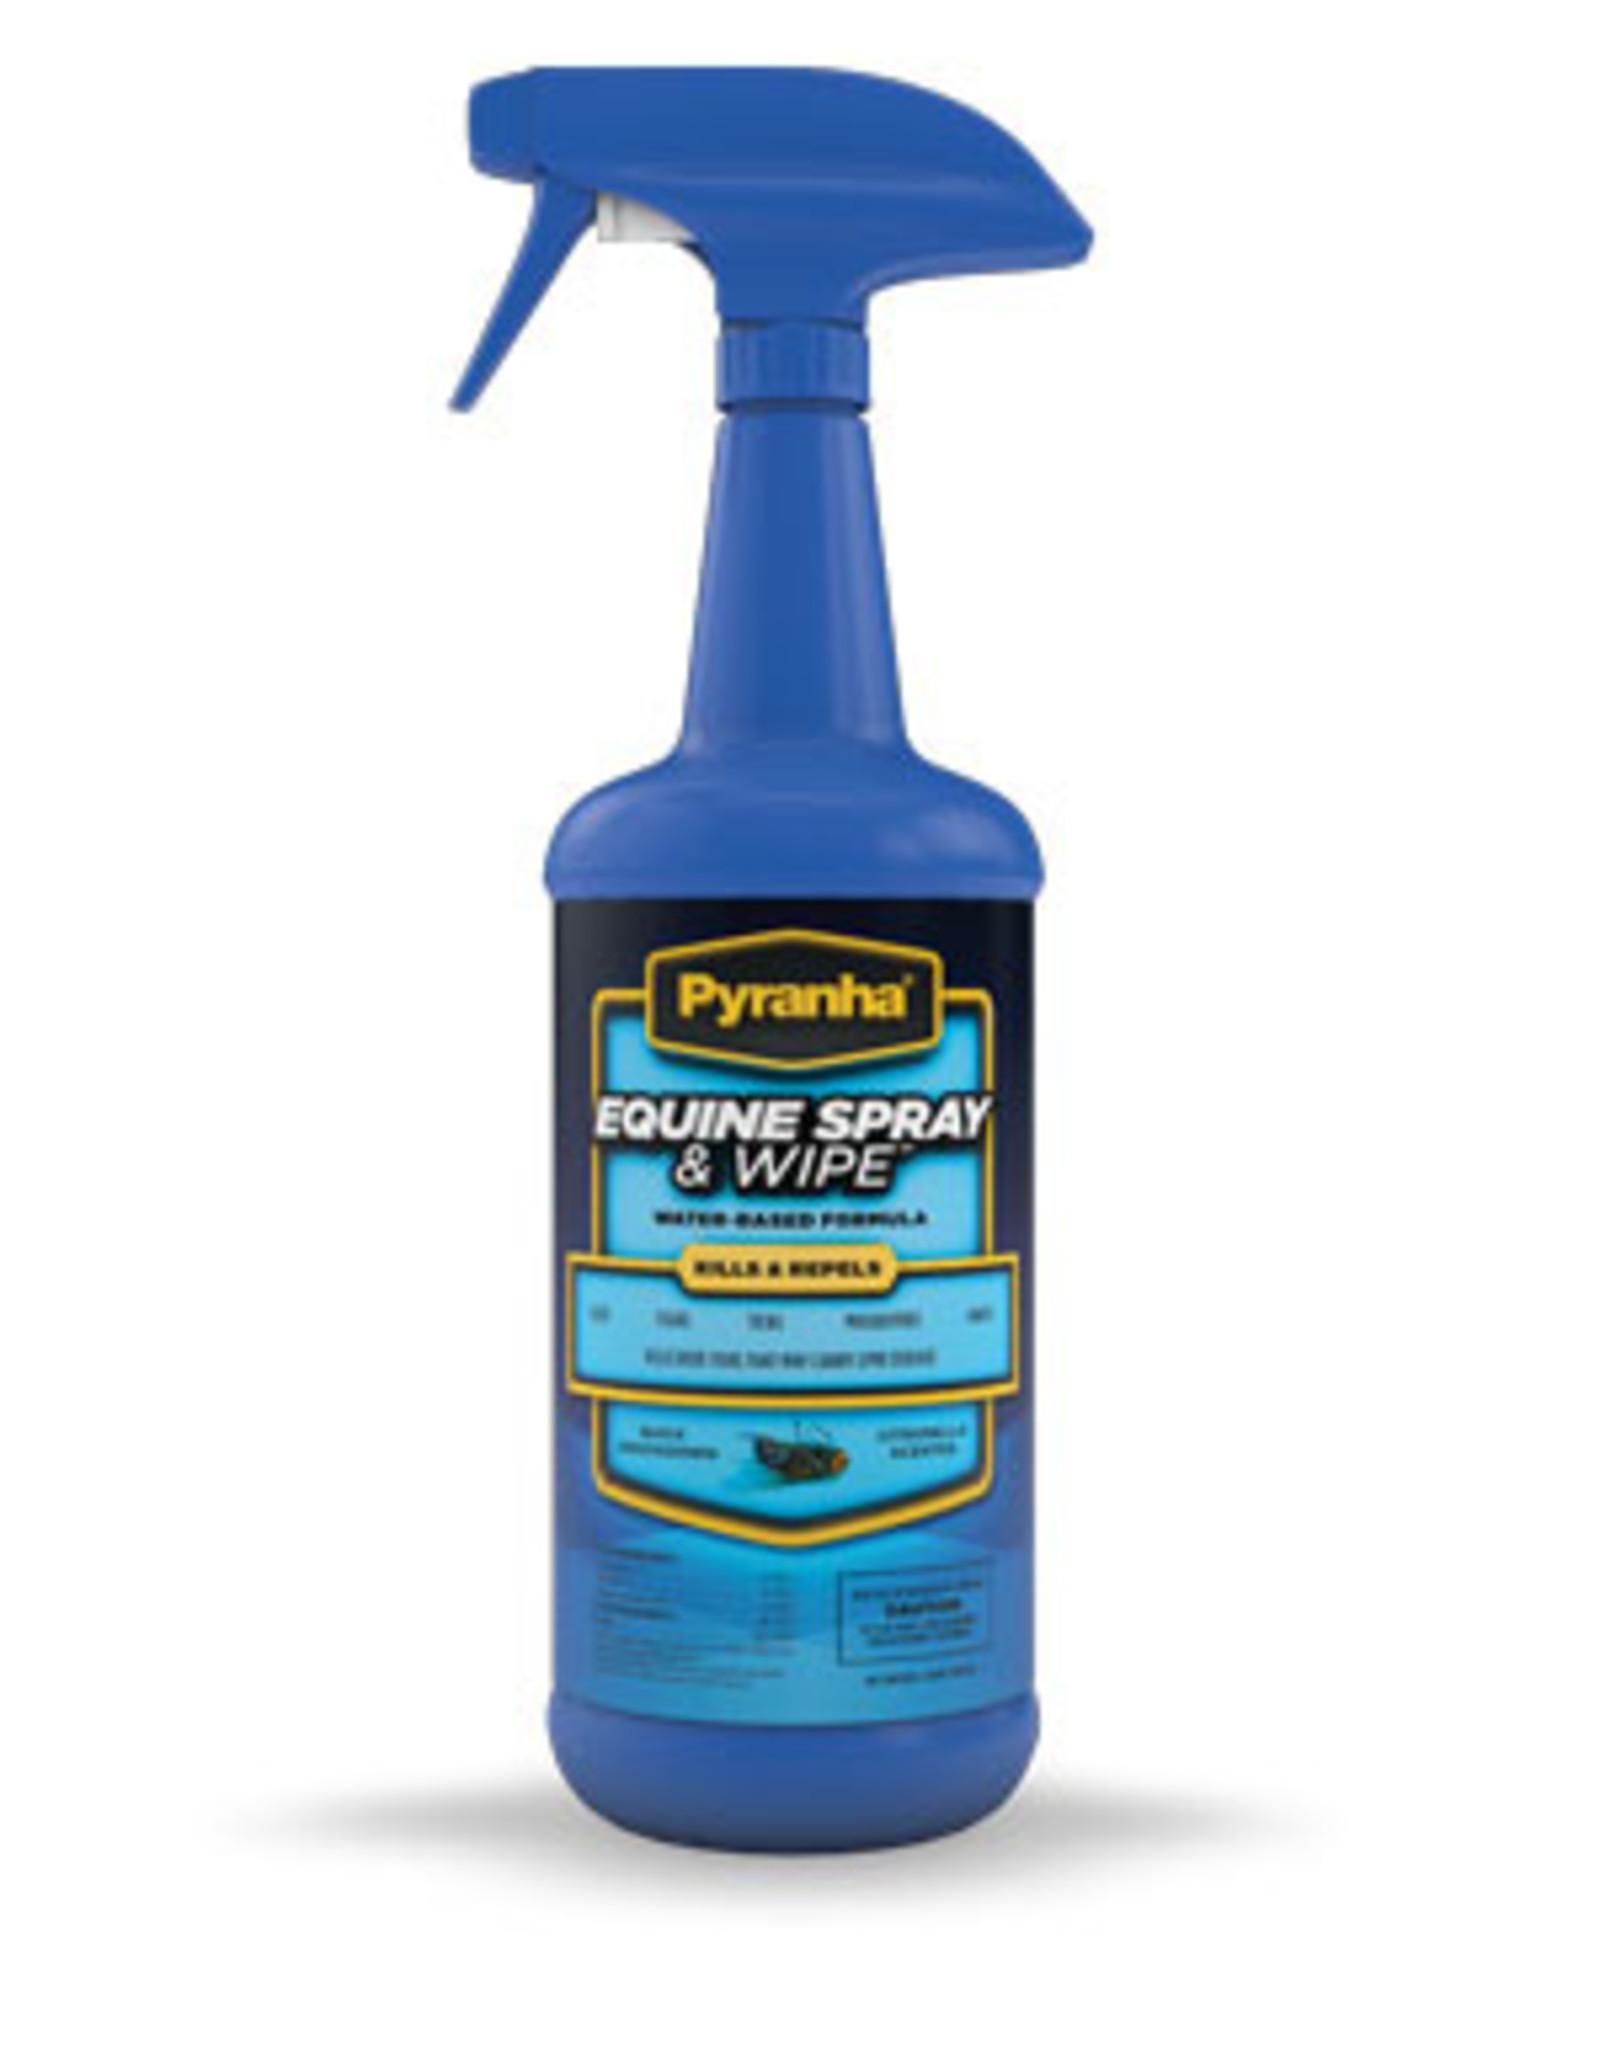 Pyranha Spray and wipe